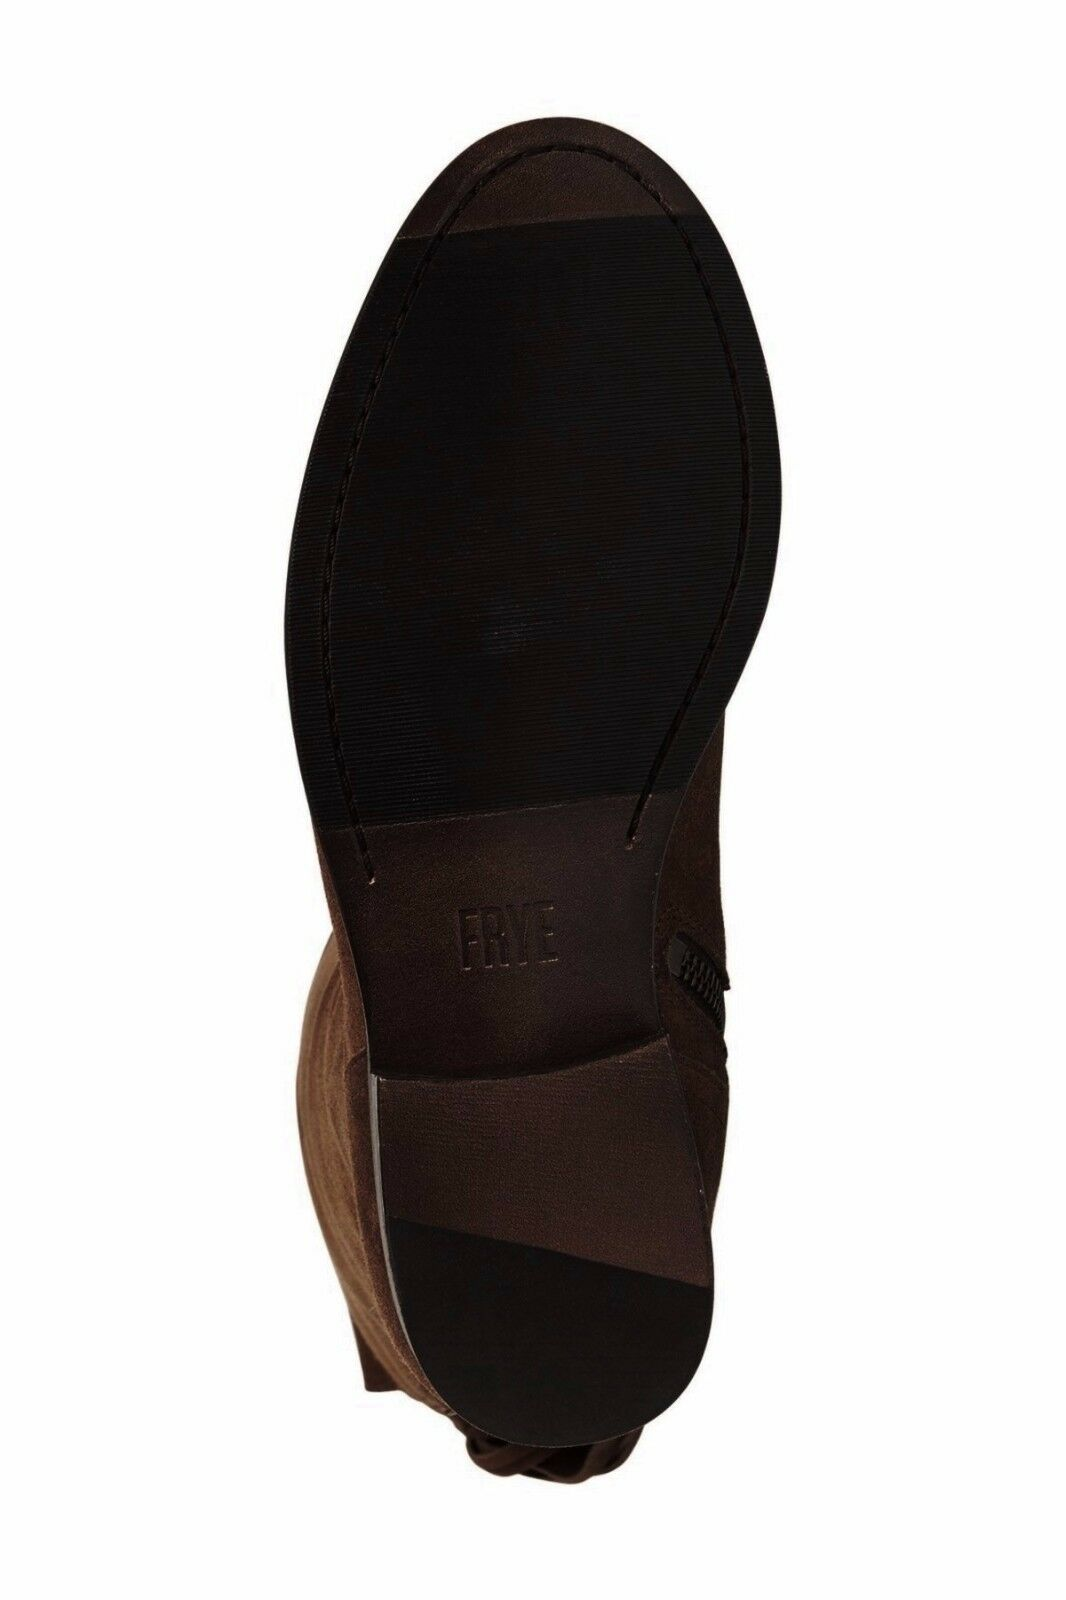 Nuevo con rodilla etiquetas Frye Molly Borla Ante sobre la rodilla con Bota madera (Marrón) B  548 ae0097